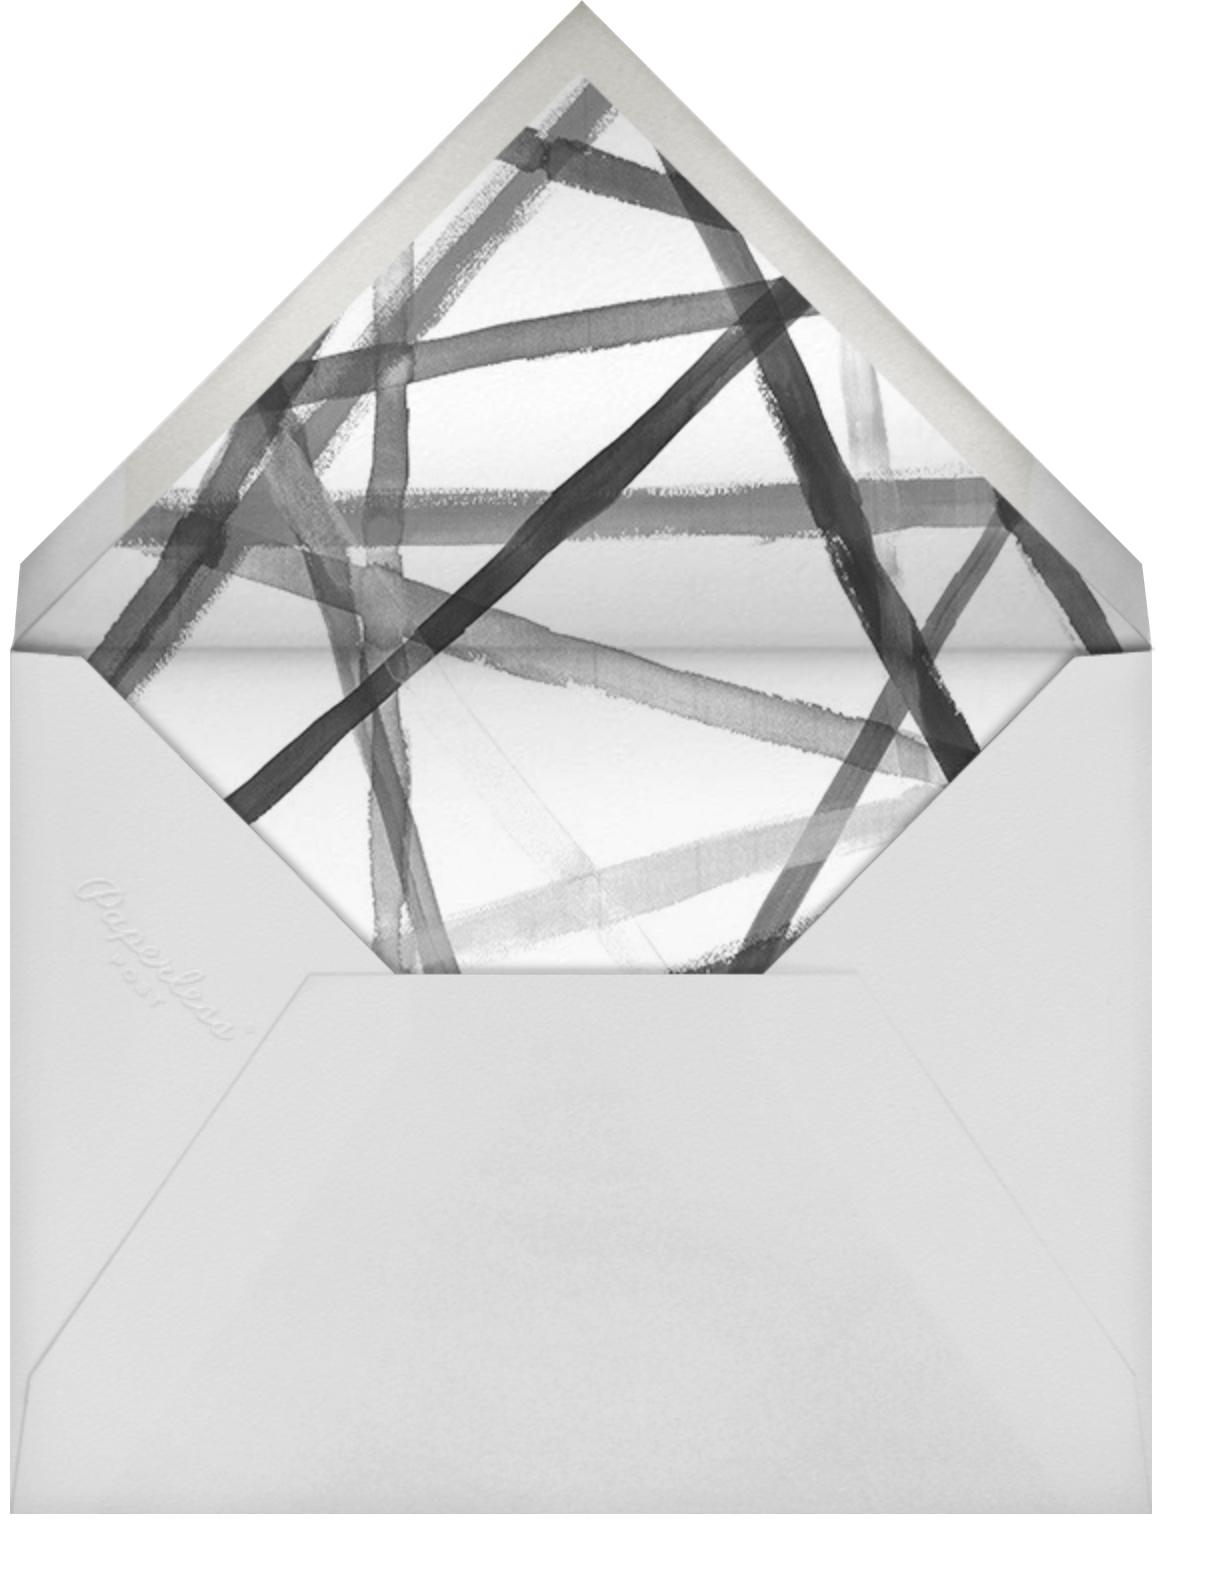 Channels - White/Gold - Kelly Wearstler - Winter entertaining - envelope back